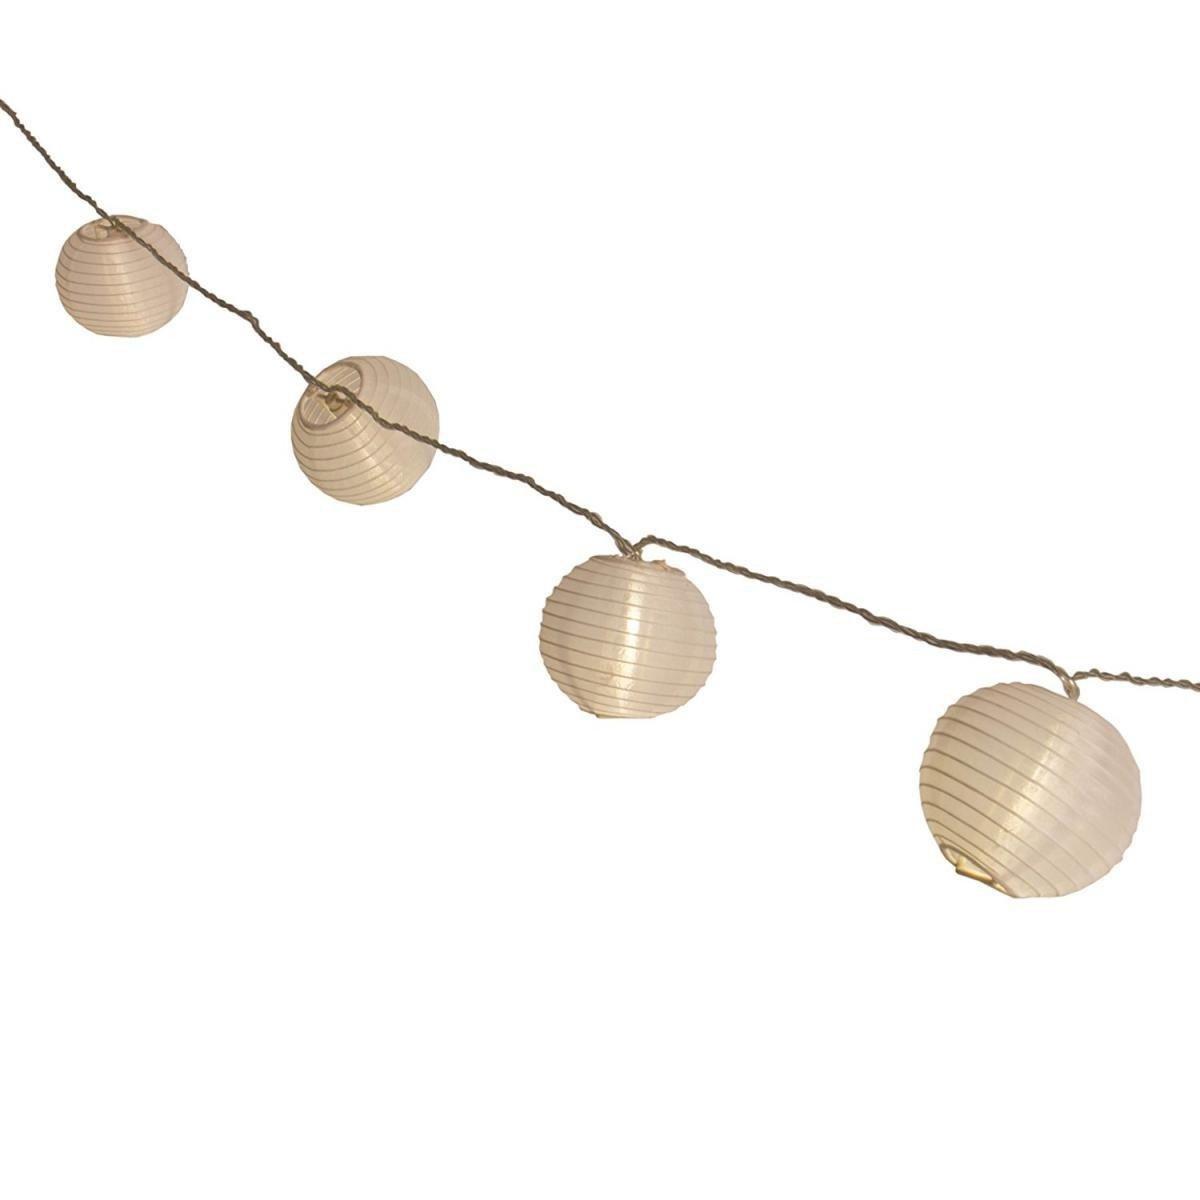 Bild 1 von Plaights LED-Sommerlichterkette weiß